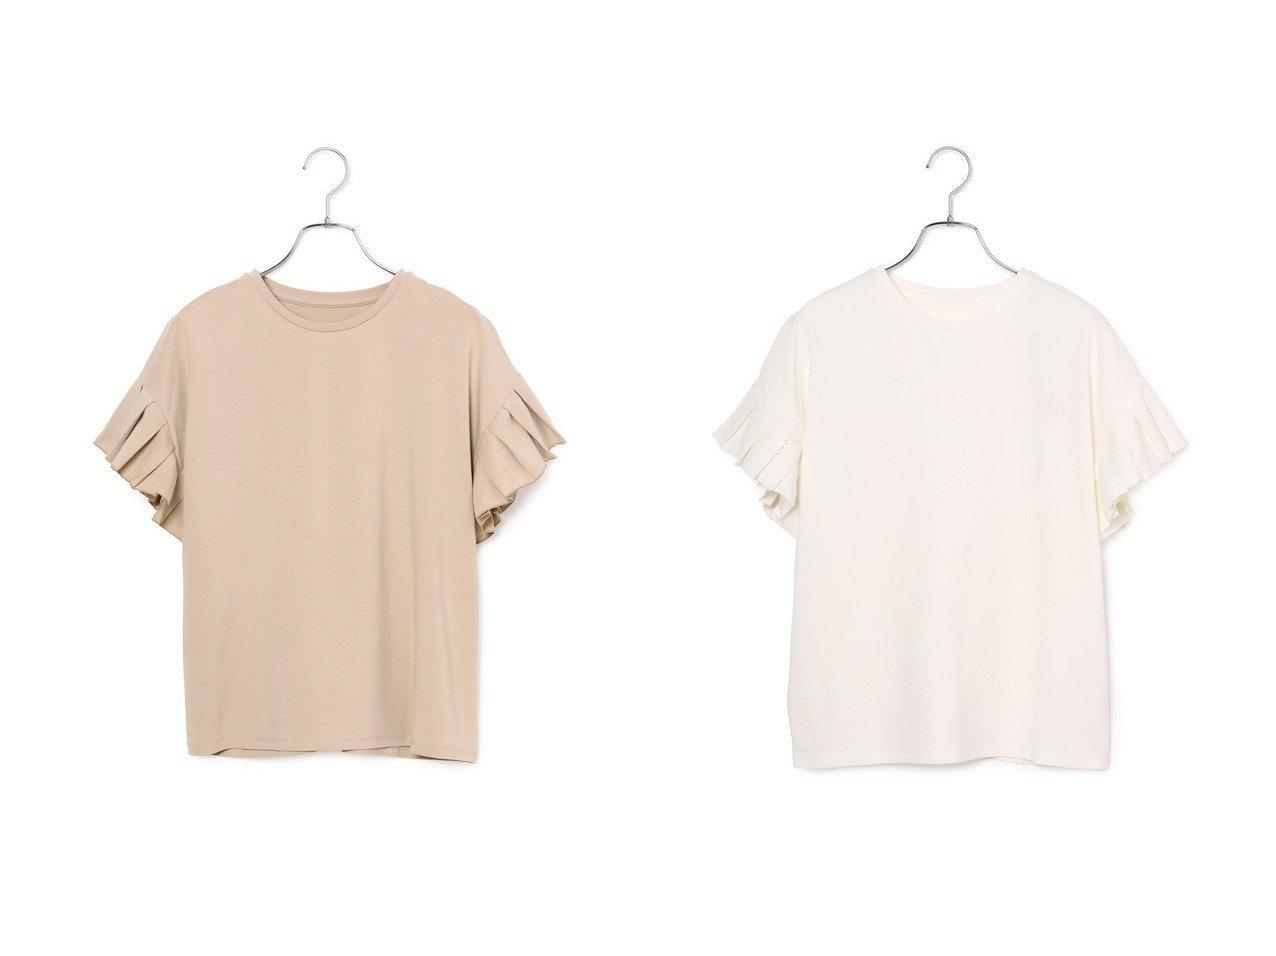 【ADAM ET ROPE'/アダム エ ロペ】の【アウトレット店舗・WEB限定】ミントレーヨンフレンチフレアTEE 【トップス・カットソー】おすすめ!人気、トレンド・レディースファッションの通販 おすすめで人気の流行・トレンド、ファッションの通販商品 インテリア・家具・メンズファッション・キッズファッション・レディースファッション・服の通販 founy(ファニー) https://founy.com/ ファッション Fashion レディースファッション WOMEN トップス・カットソー Tops/Tshirt カットソー Cut and Sewn オリエンタル 春 Spring カットソー ギャザー シンプル ストレッチ スリーブ デニム フレンチ ボトム ポケット 2021年 2021 S/S・春夏 SS・Spring/Summer 2021春夏・S/S SS/Spring/Summer/2021 アウトレット OUTLET 夏 Summer  ID:crp329100000054122